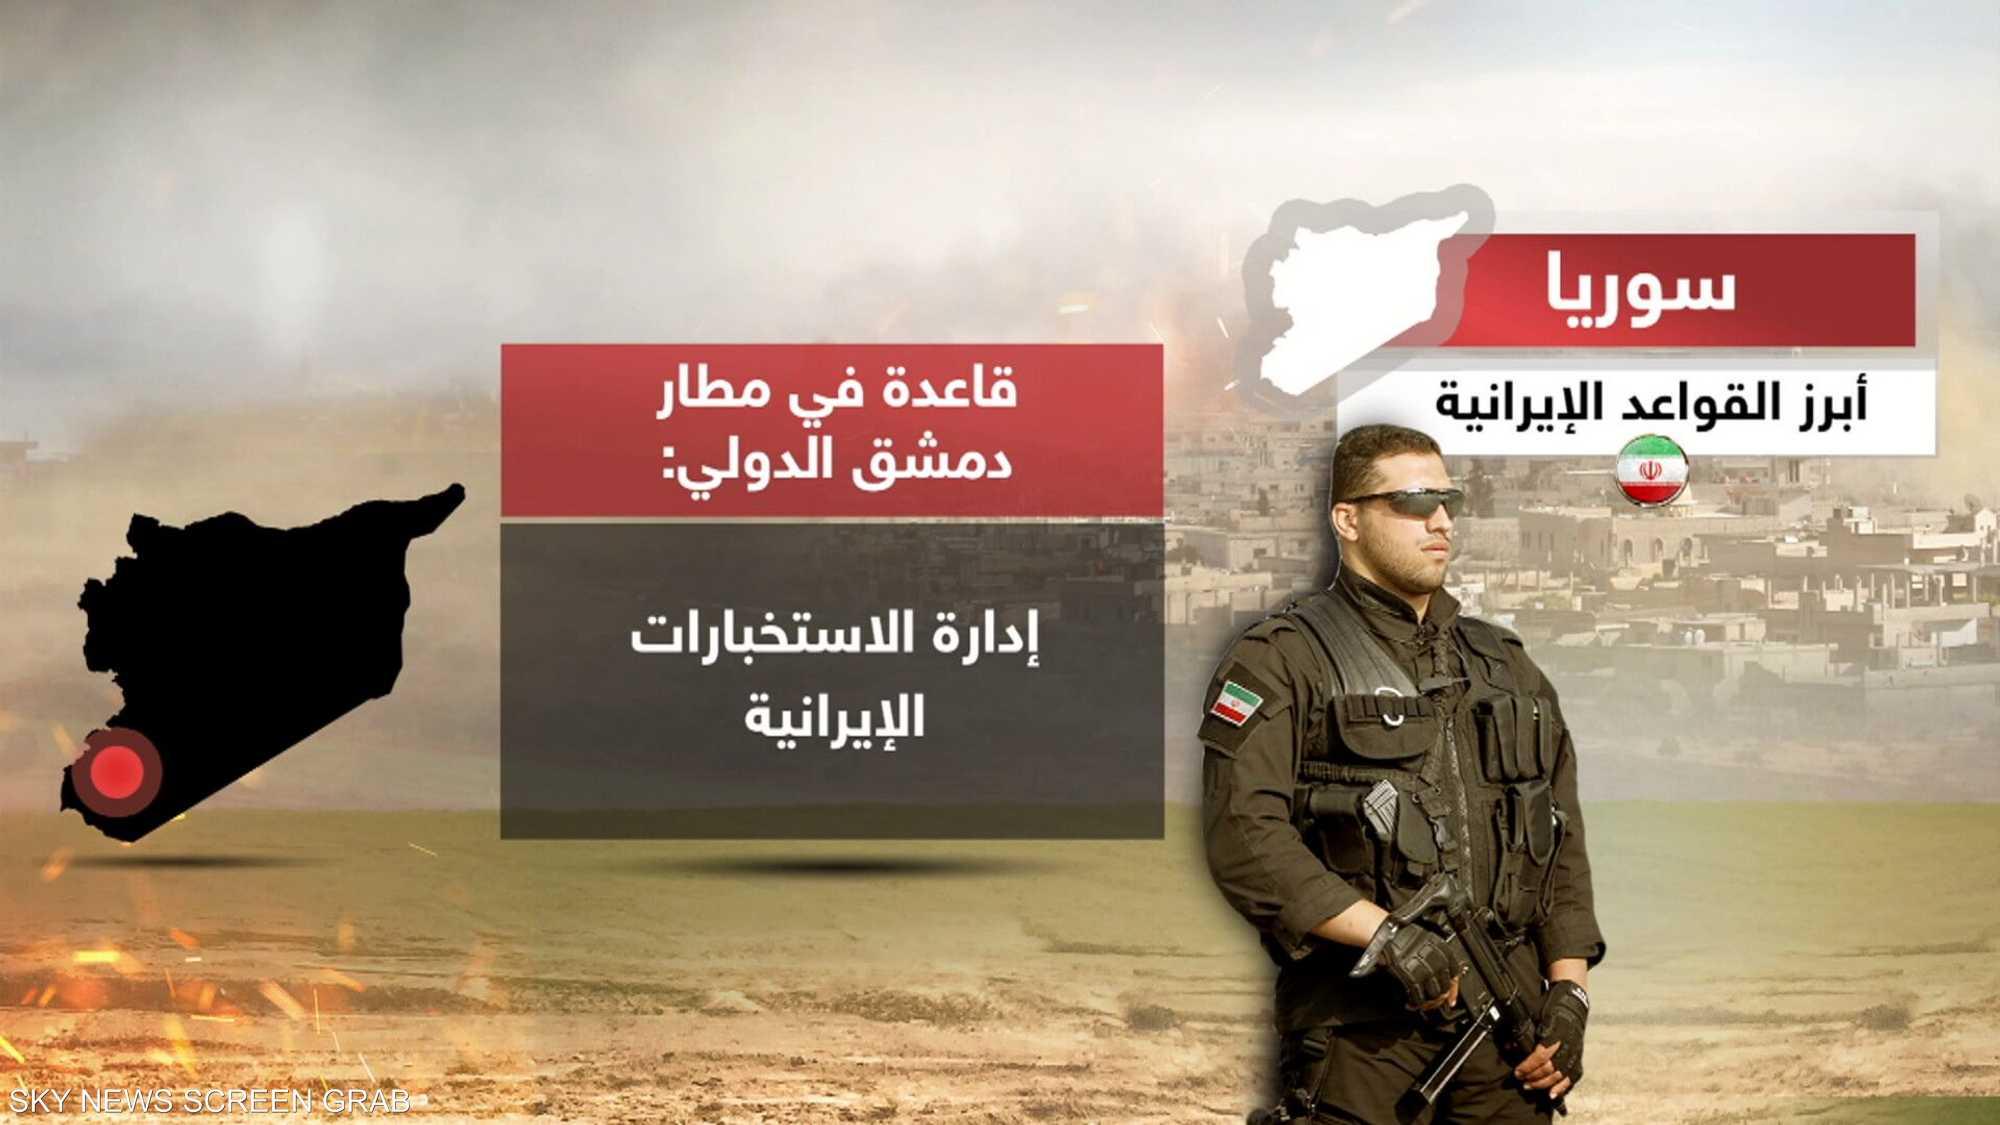 سوريا.. أبرز القواعد الإيرانية